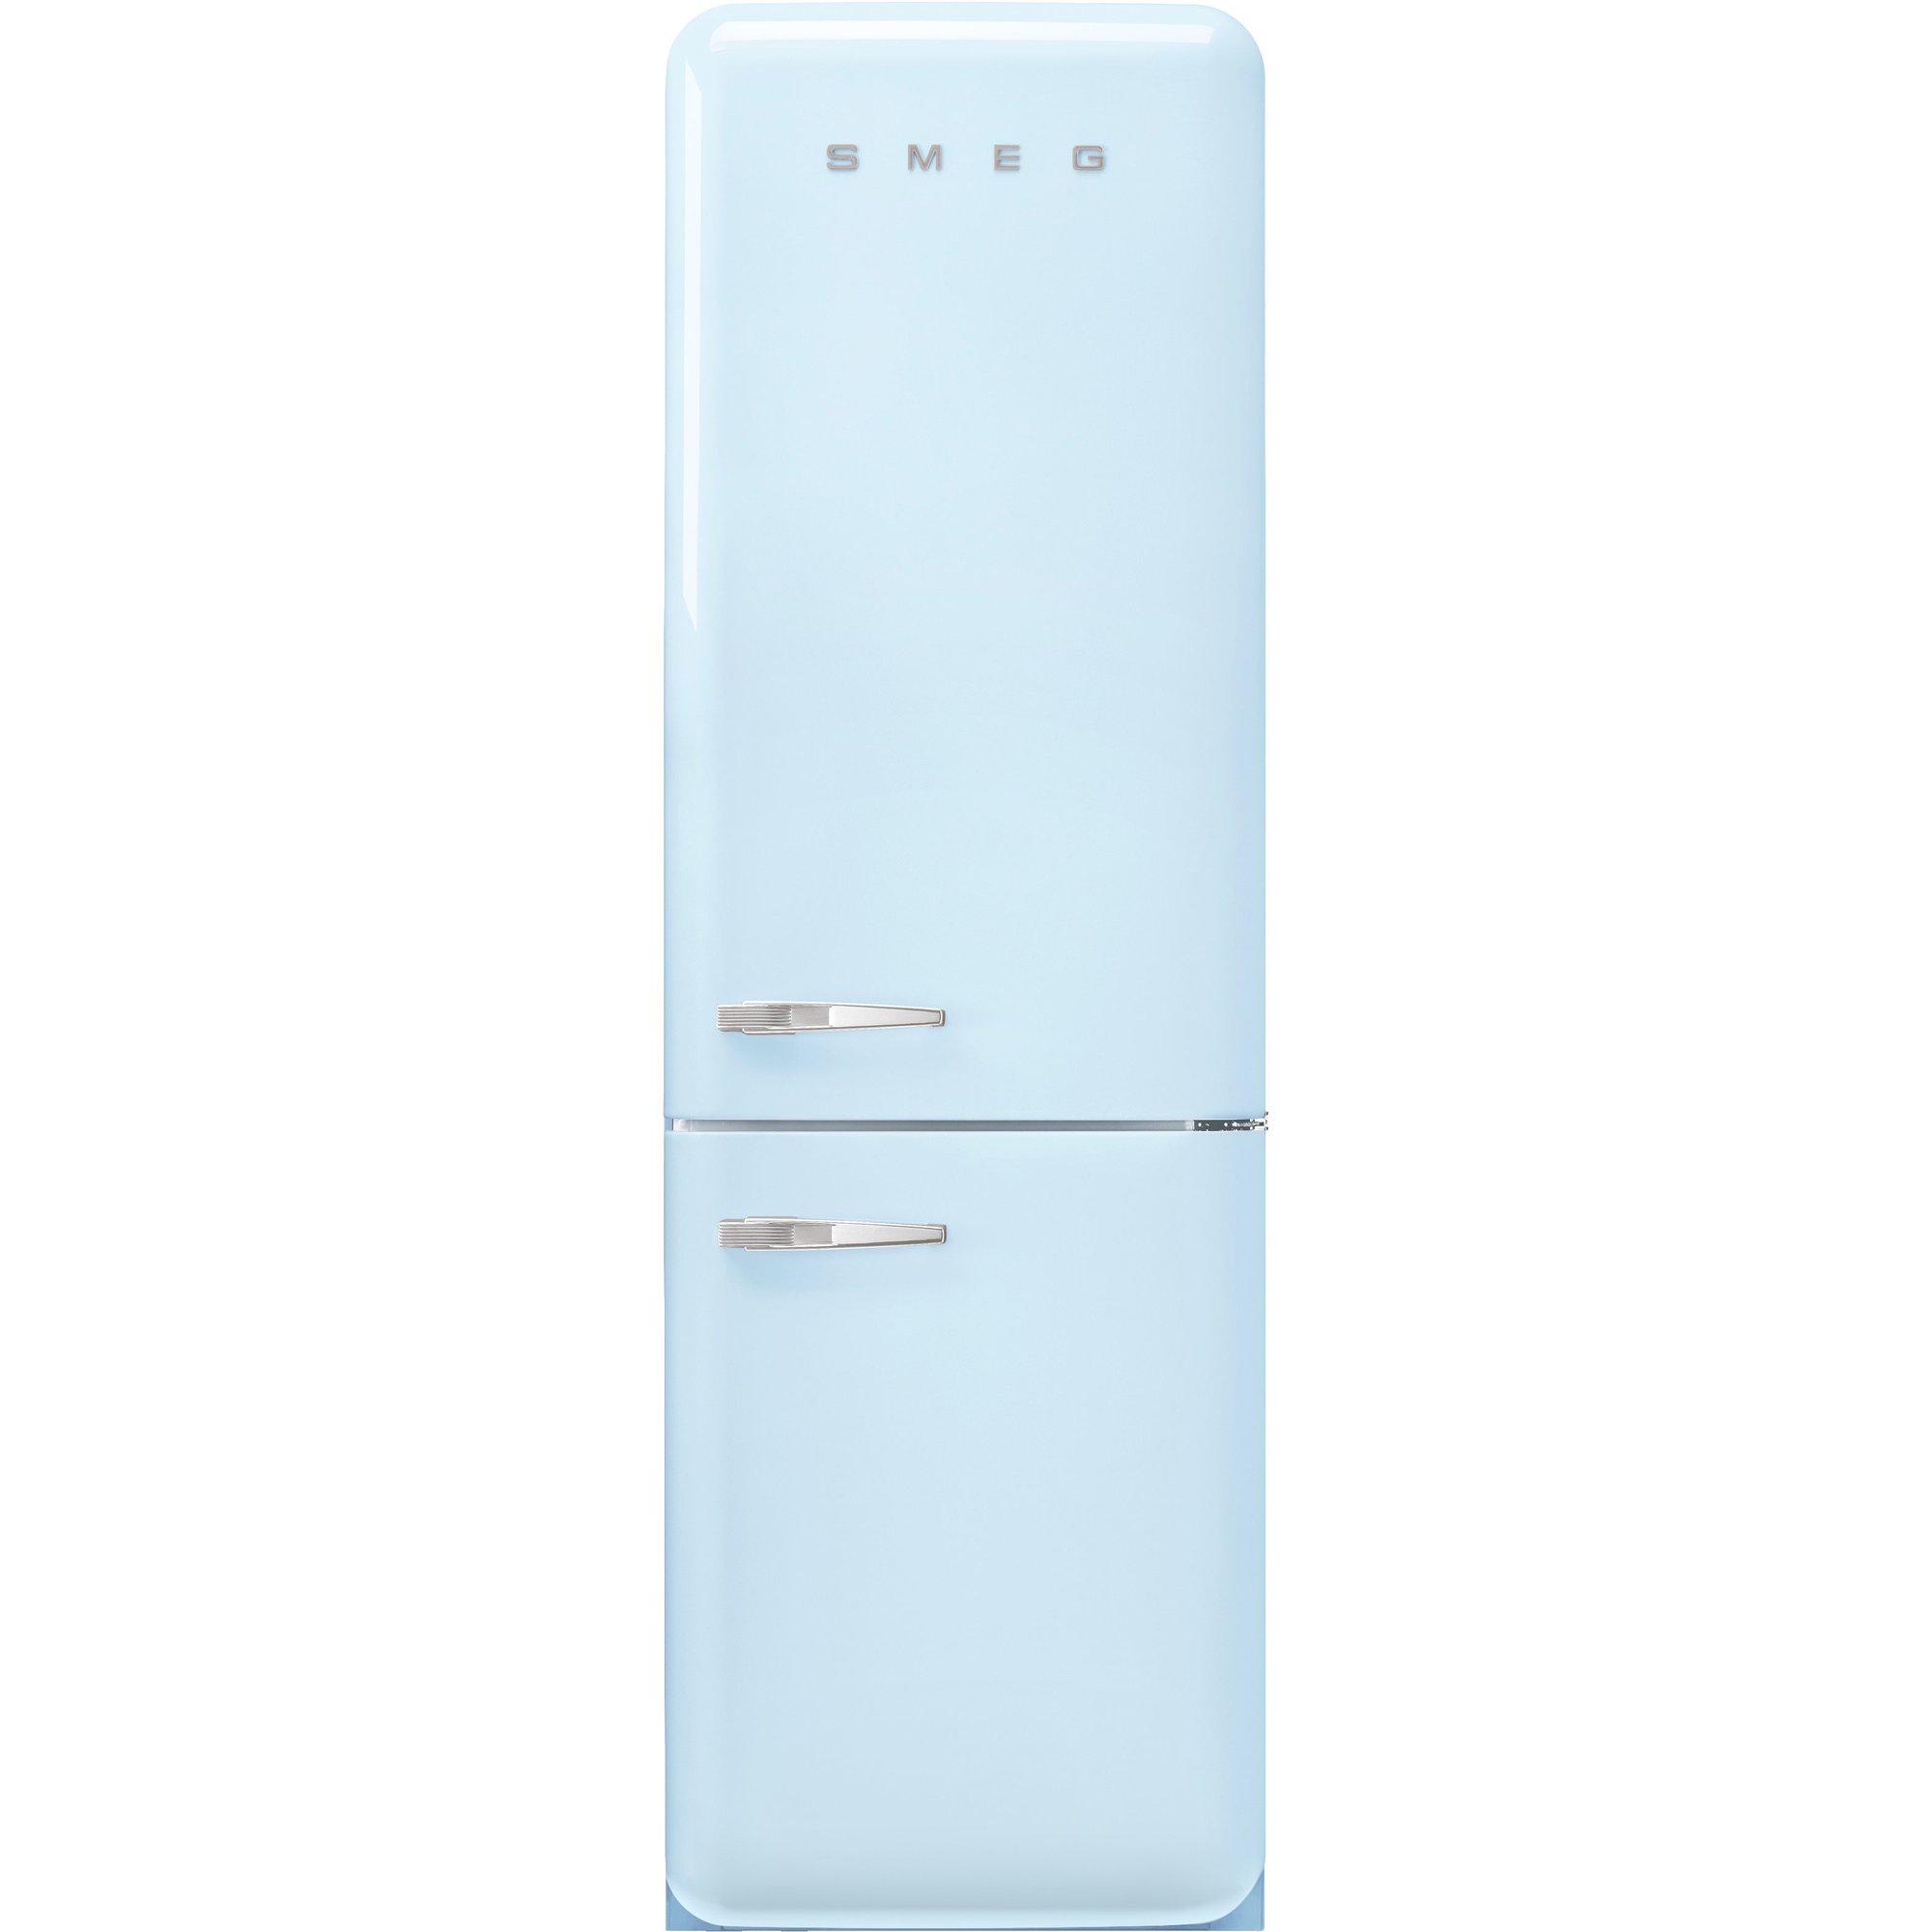 Smeg FAB32RPB5 Køle-/fryseskab pastelblå